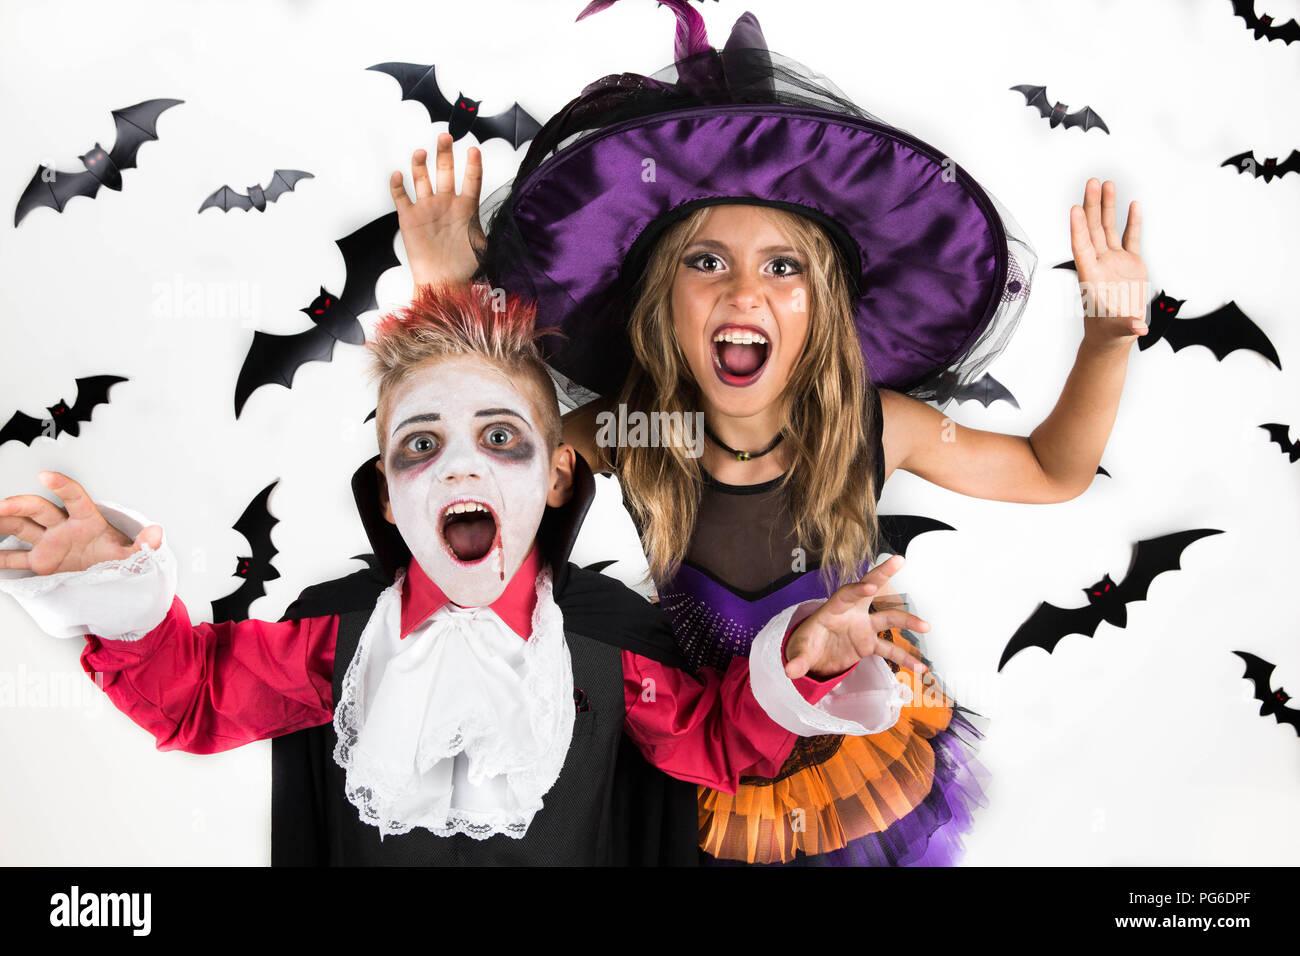 Trick or Treat! Kinder erschrecken die Menschen in Halloween Nacht Bonbons nach den Ferien Tradition zu erwerben Stockbild